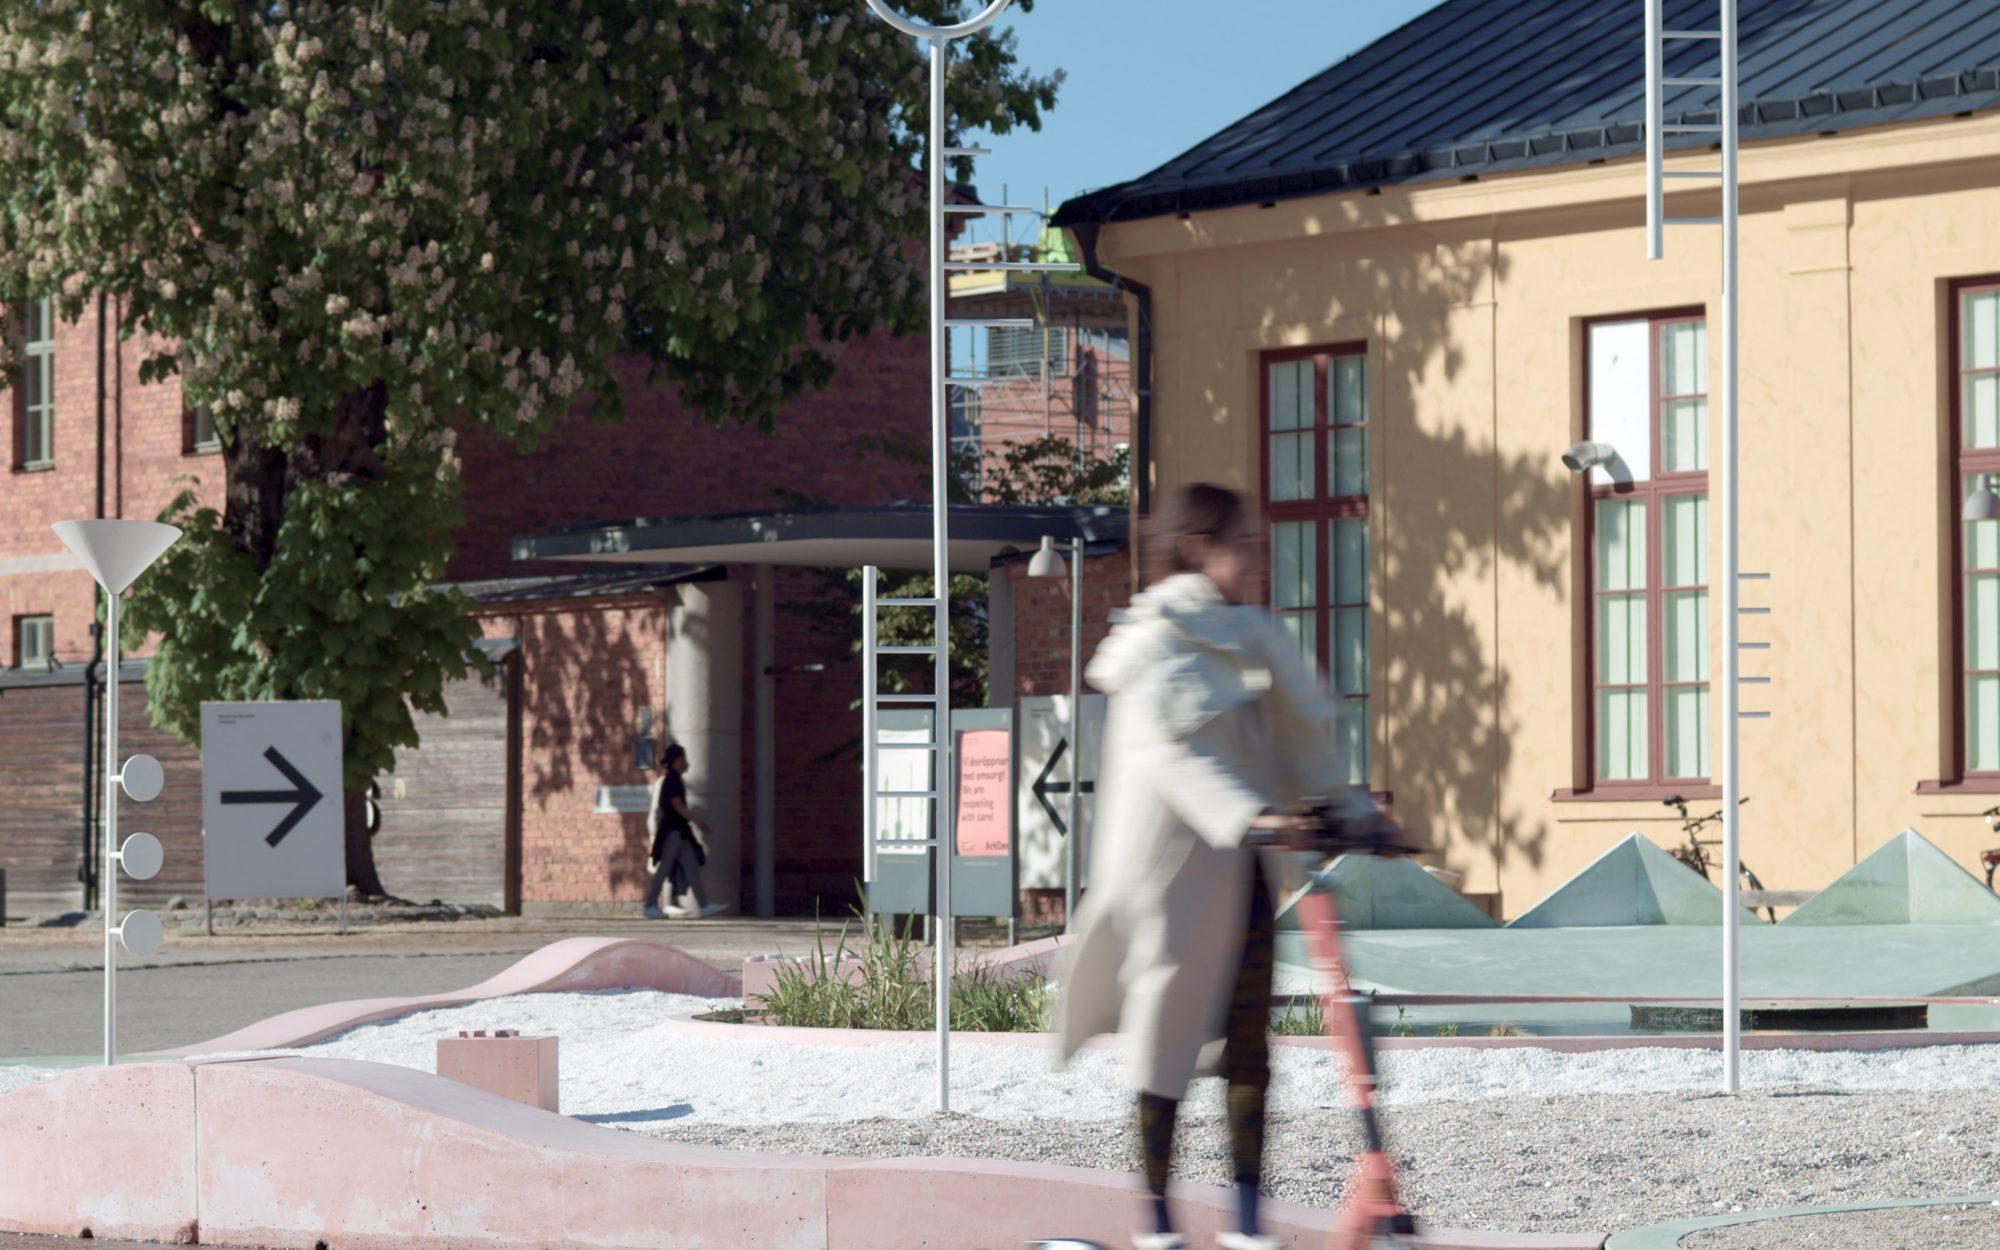 Studio Ossidiana: Hur skapas en offentlig plats